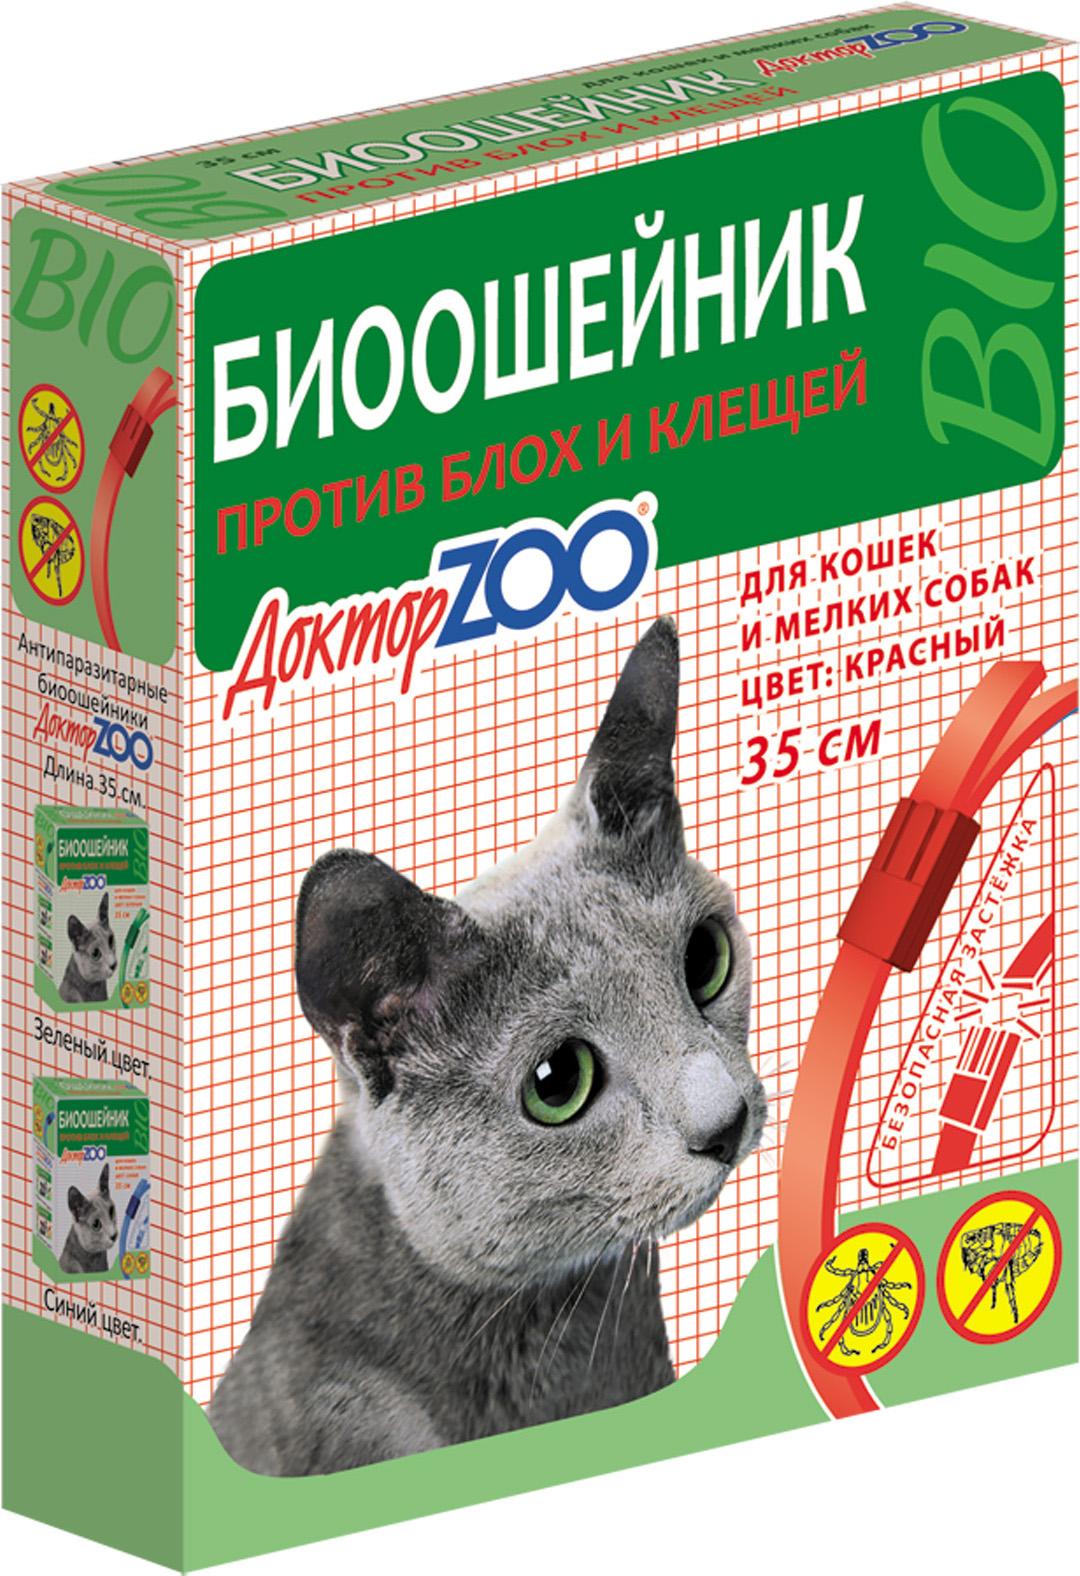 БИОошейник Доктор ZOO, для кошек и мелких собак, от блох и клещей, цвет: красный, 35 см спрей моющий для дезинфекции и ликвидации запахов zoo clean зоосан